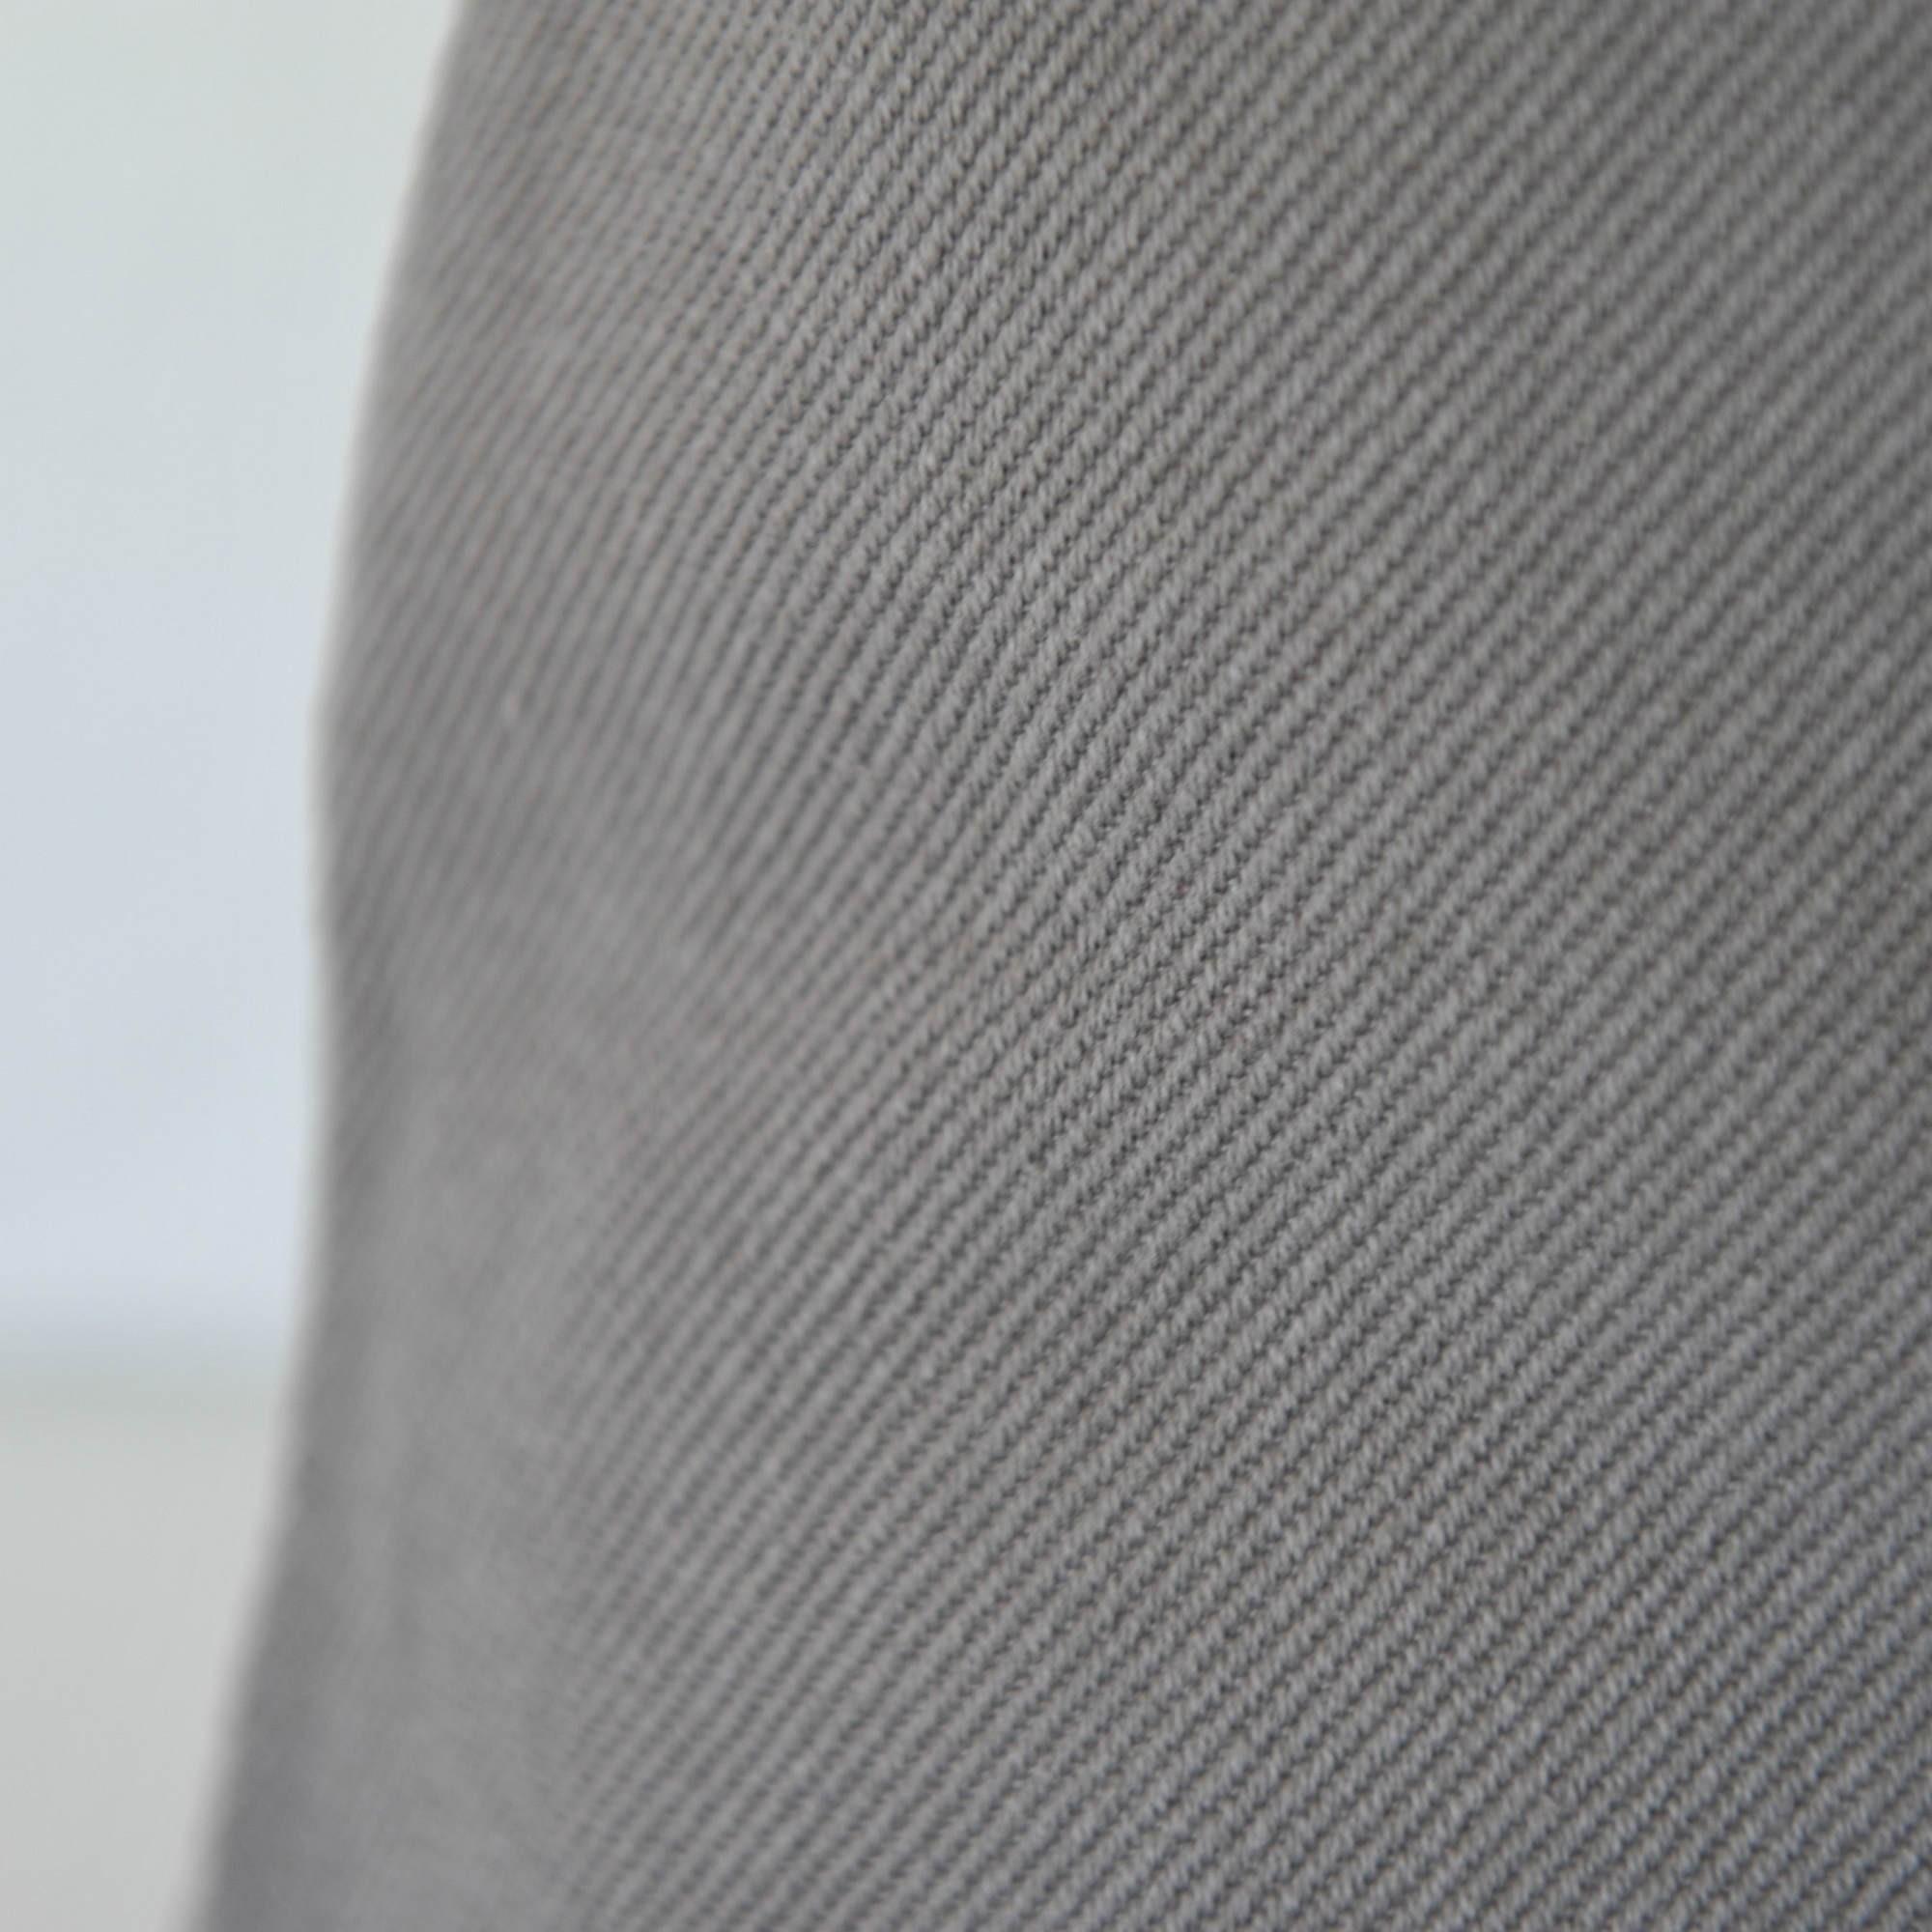 taie d 39 oreiller stone washed en coton gris maison d 39 t. Black Bedroom Furniture Sets. Home Design Ideas